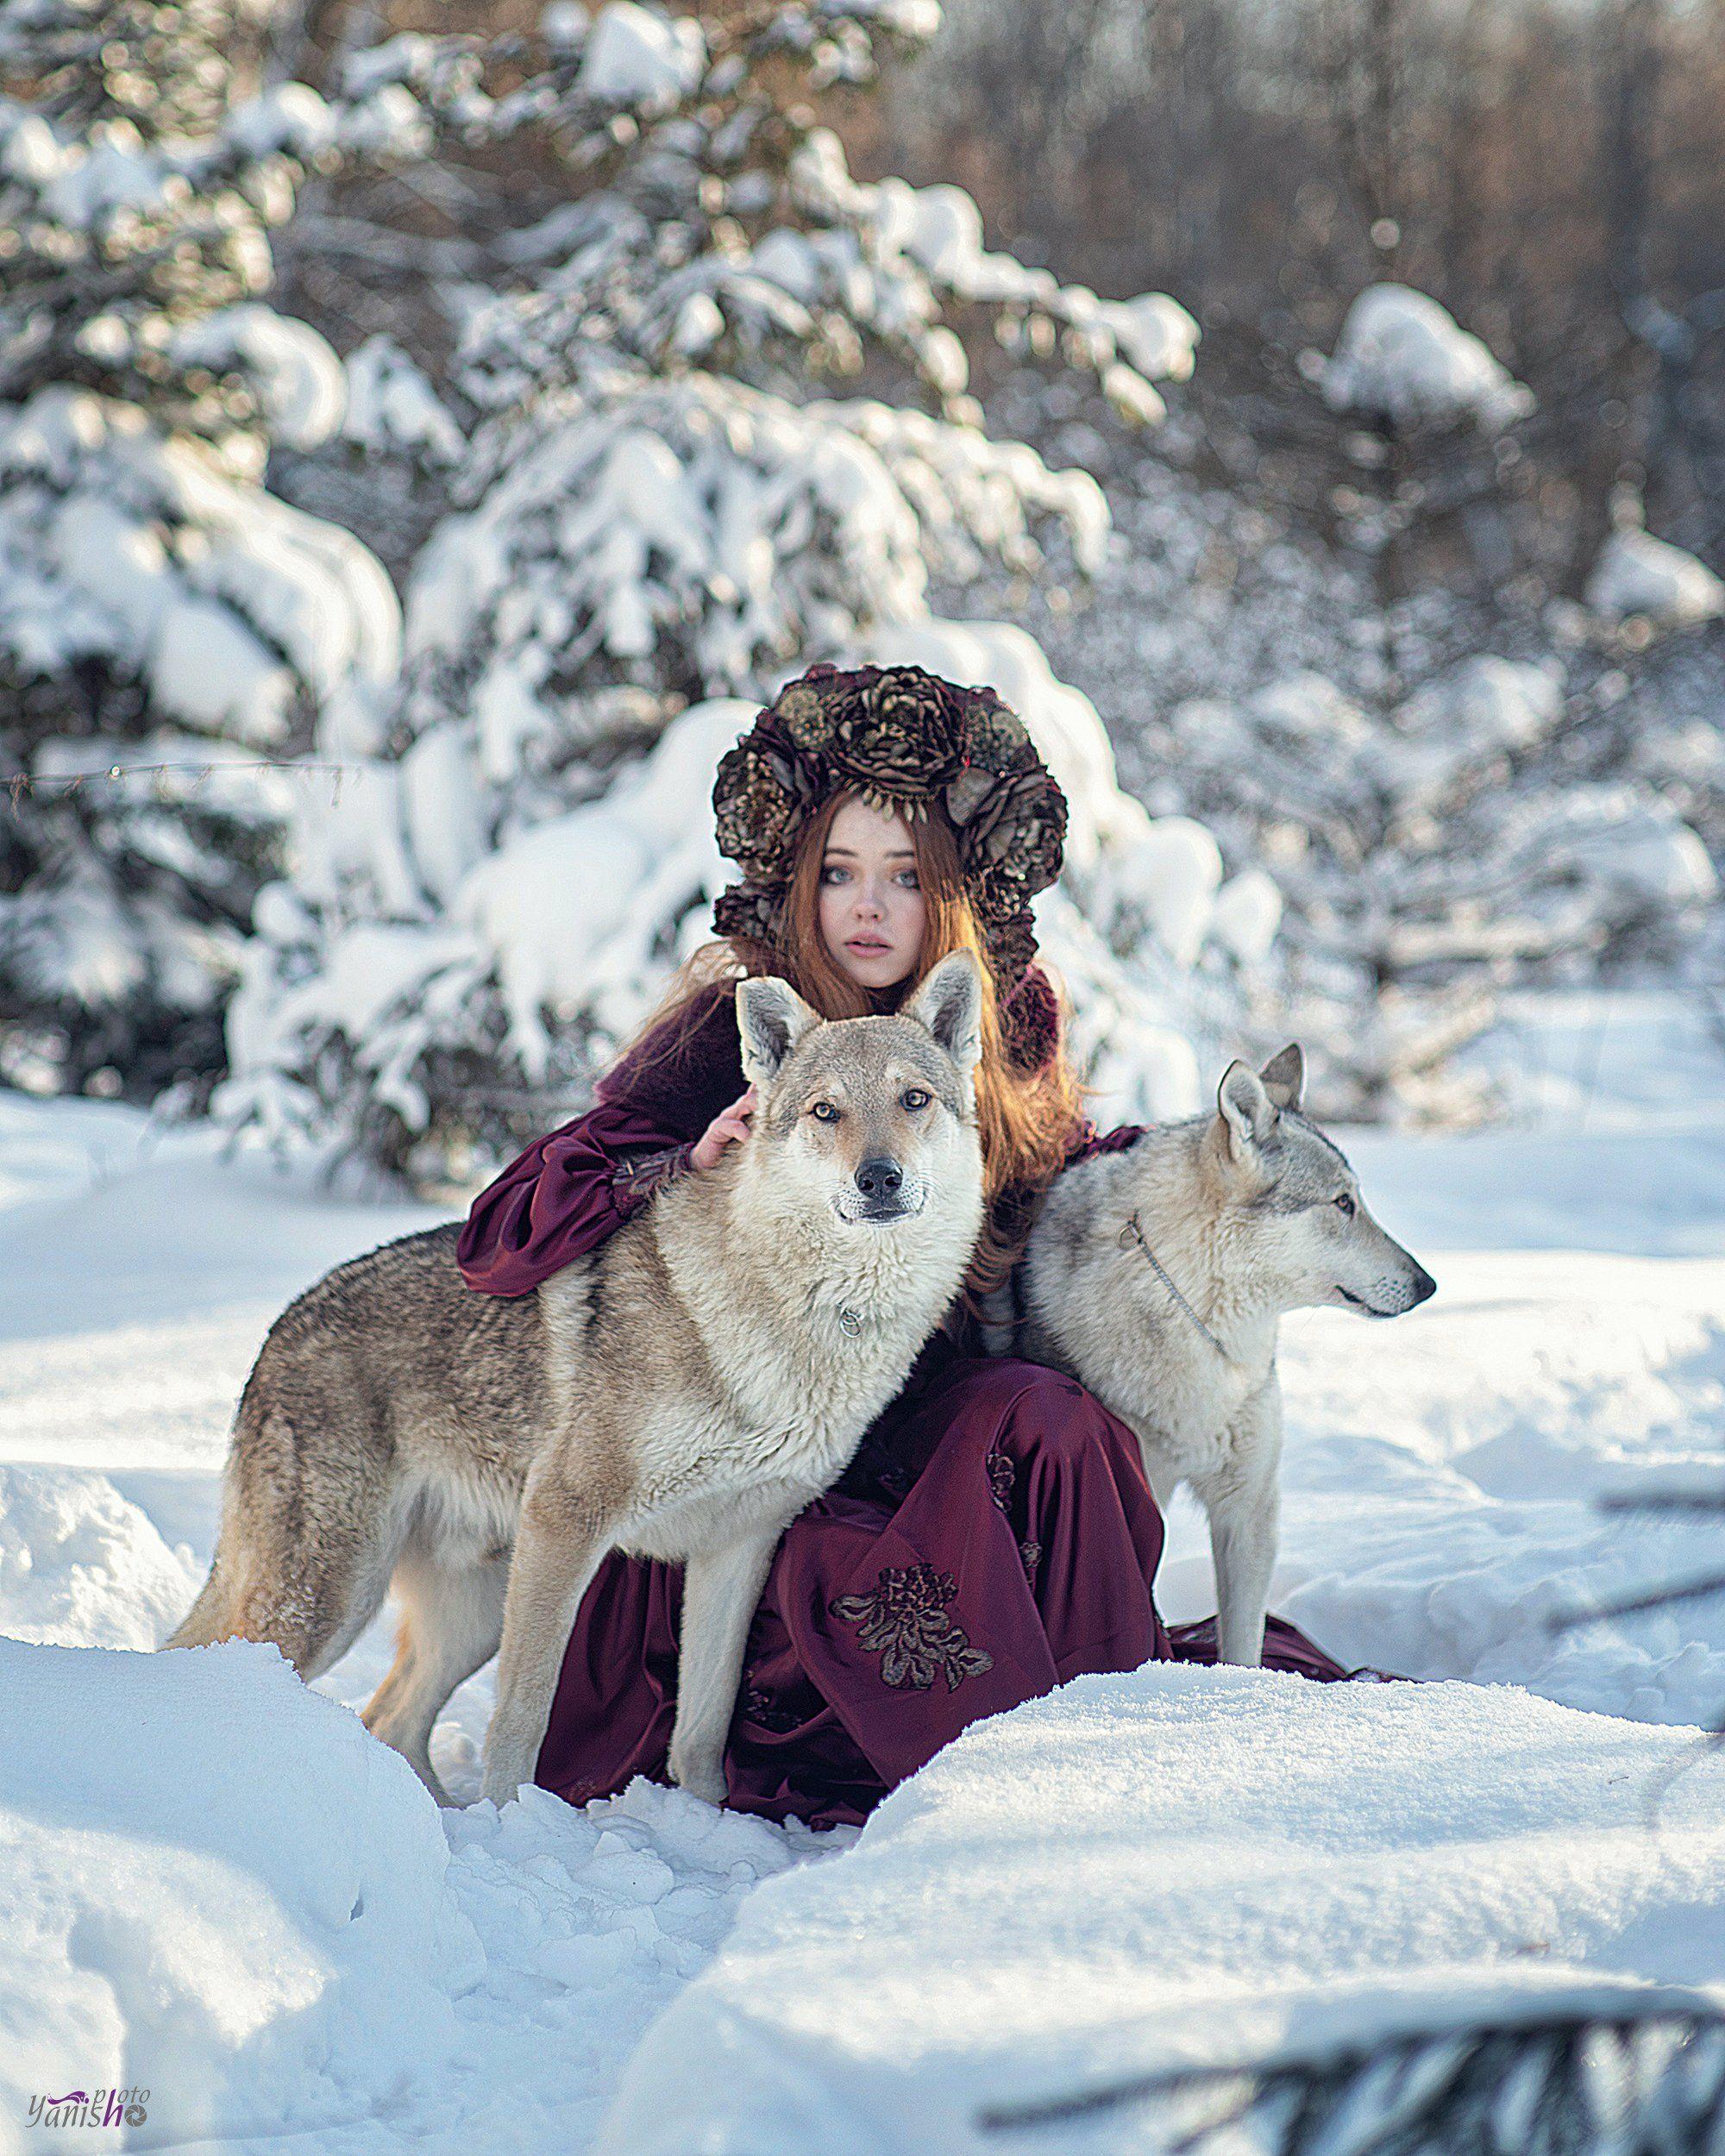 портрет, зима, красный, фентези, девушка, лес, сказка, холод, мороз, волки, животные, Ермакова Янина